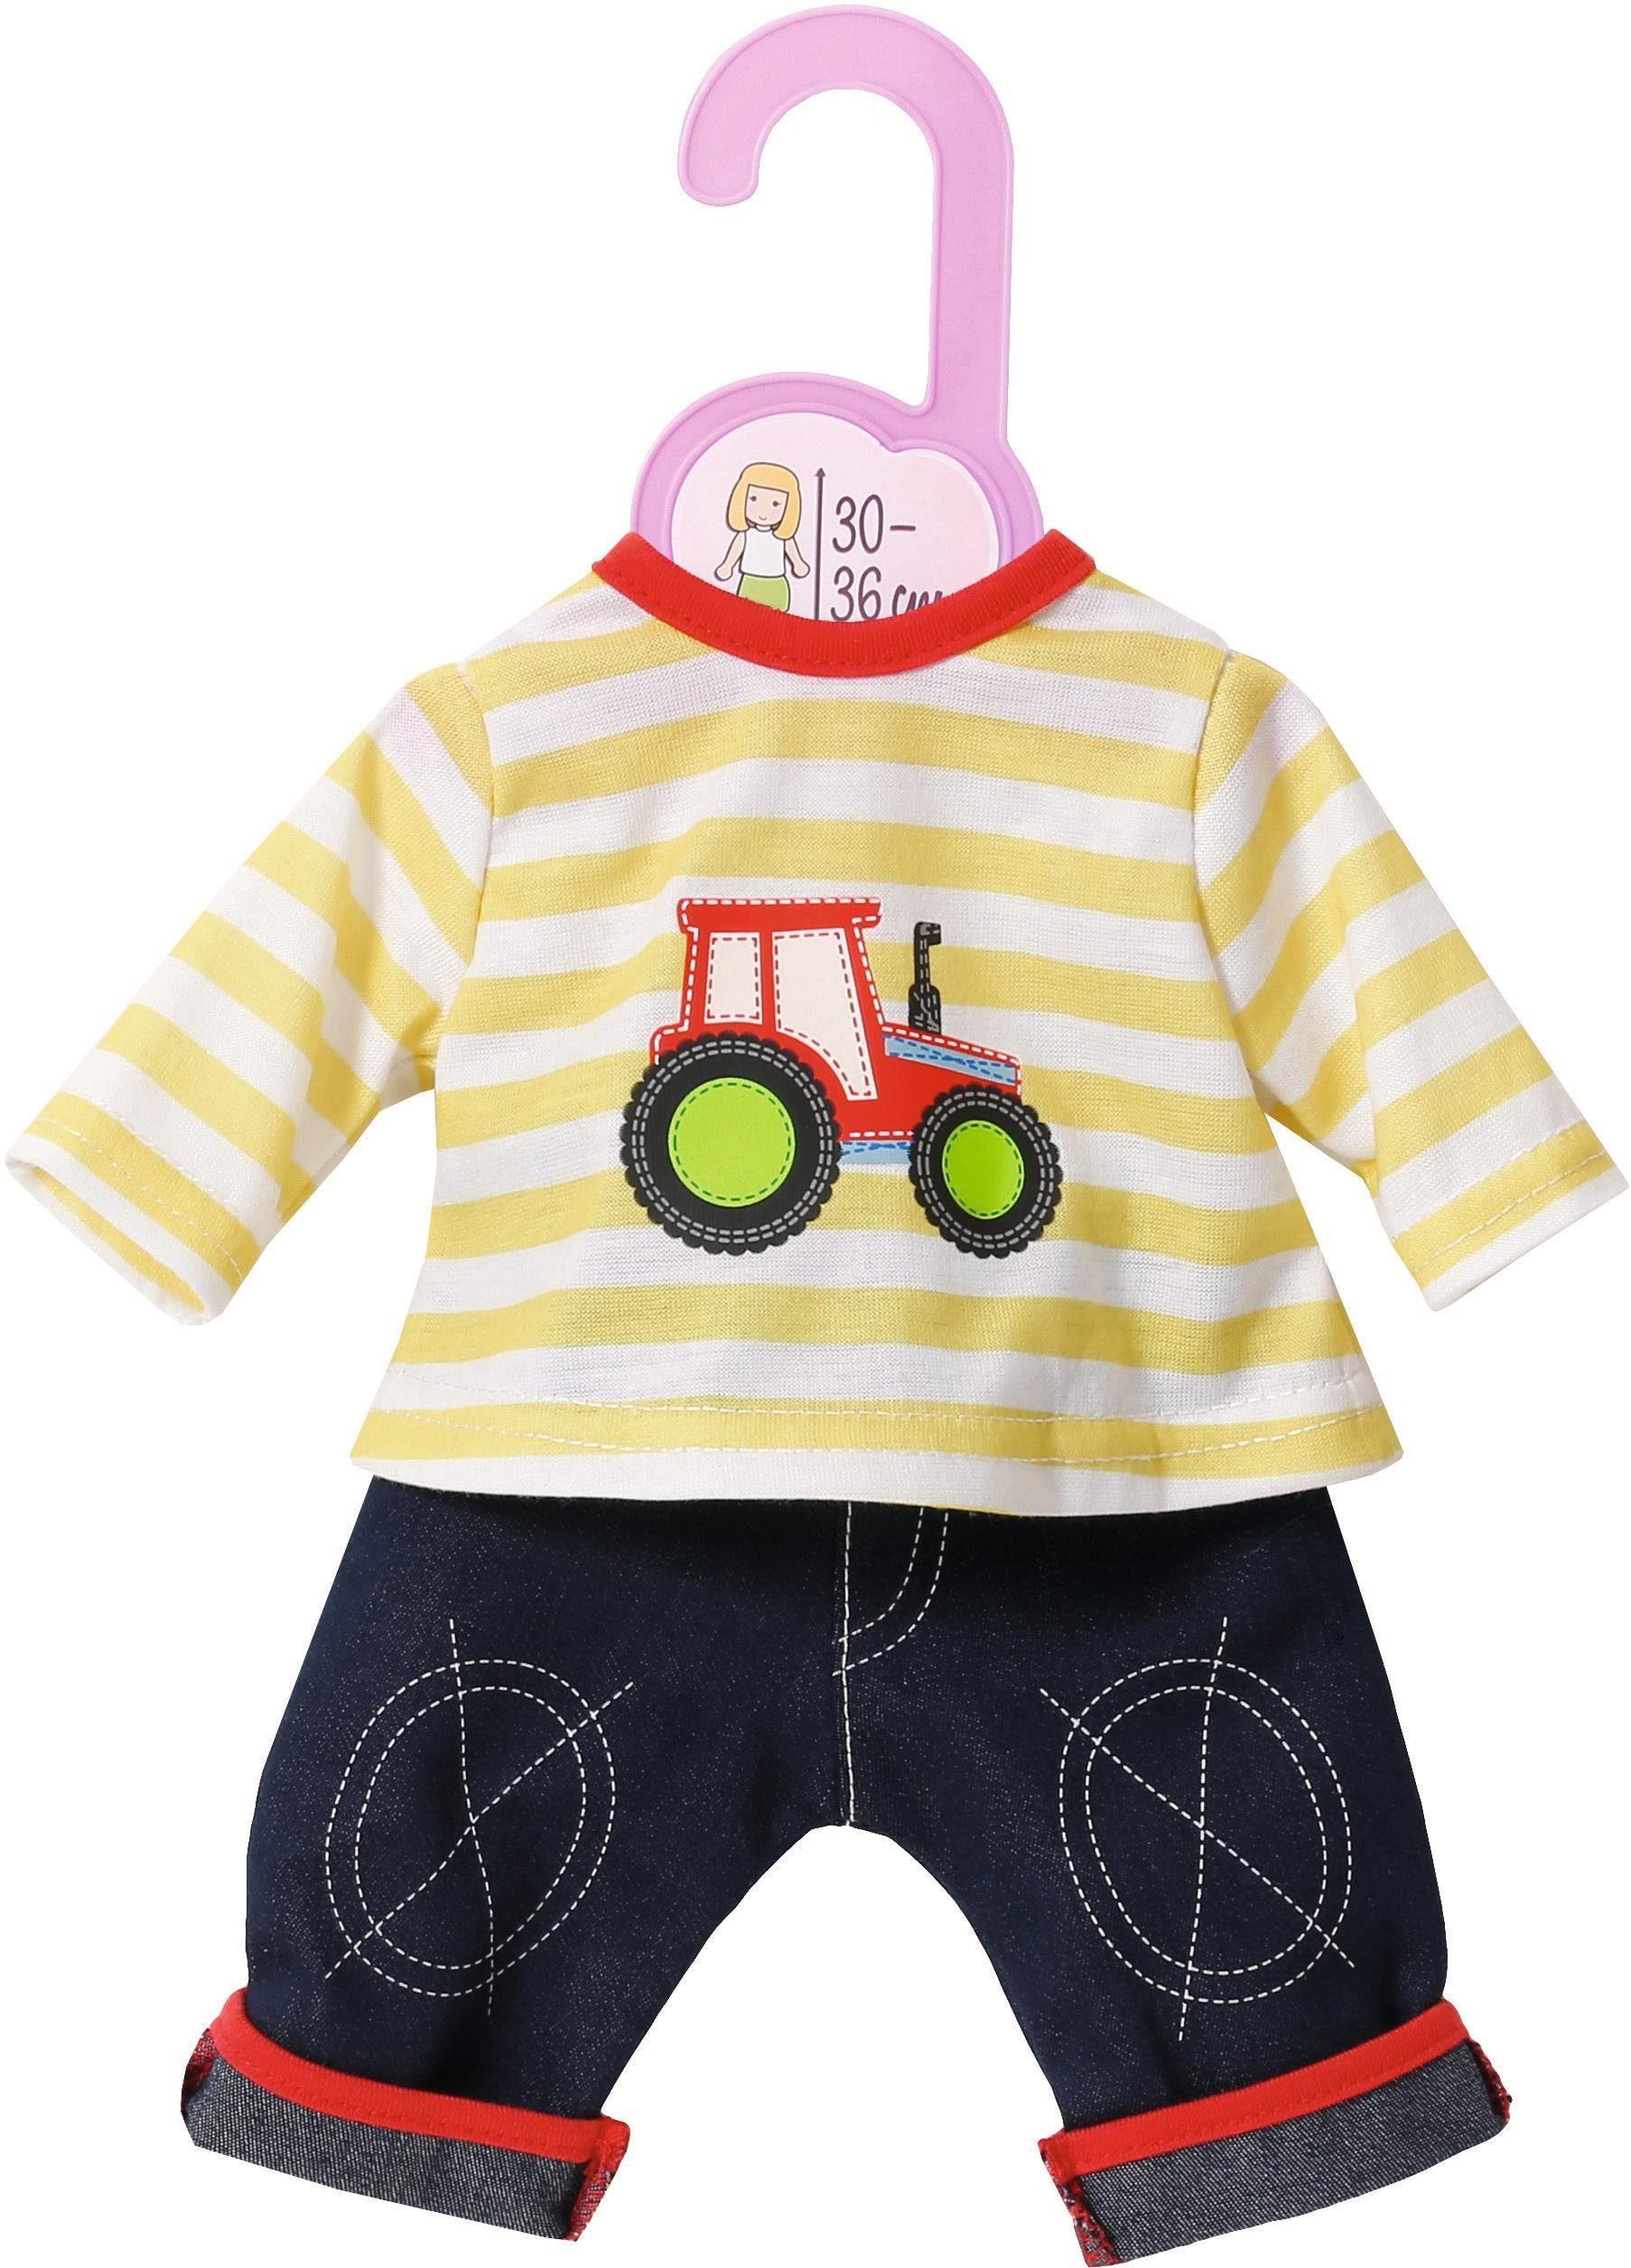 Zapf Creation Puppenbekleidung Größe 30-36 cm , »Dolly Moda Jeans mit Shirt«